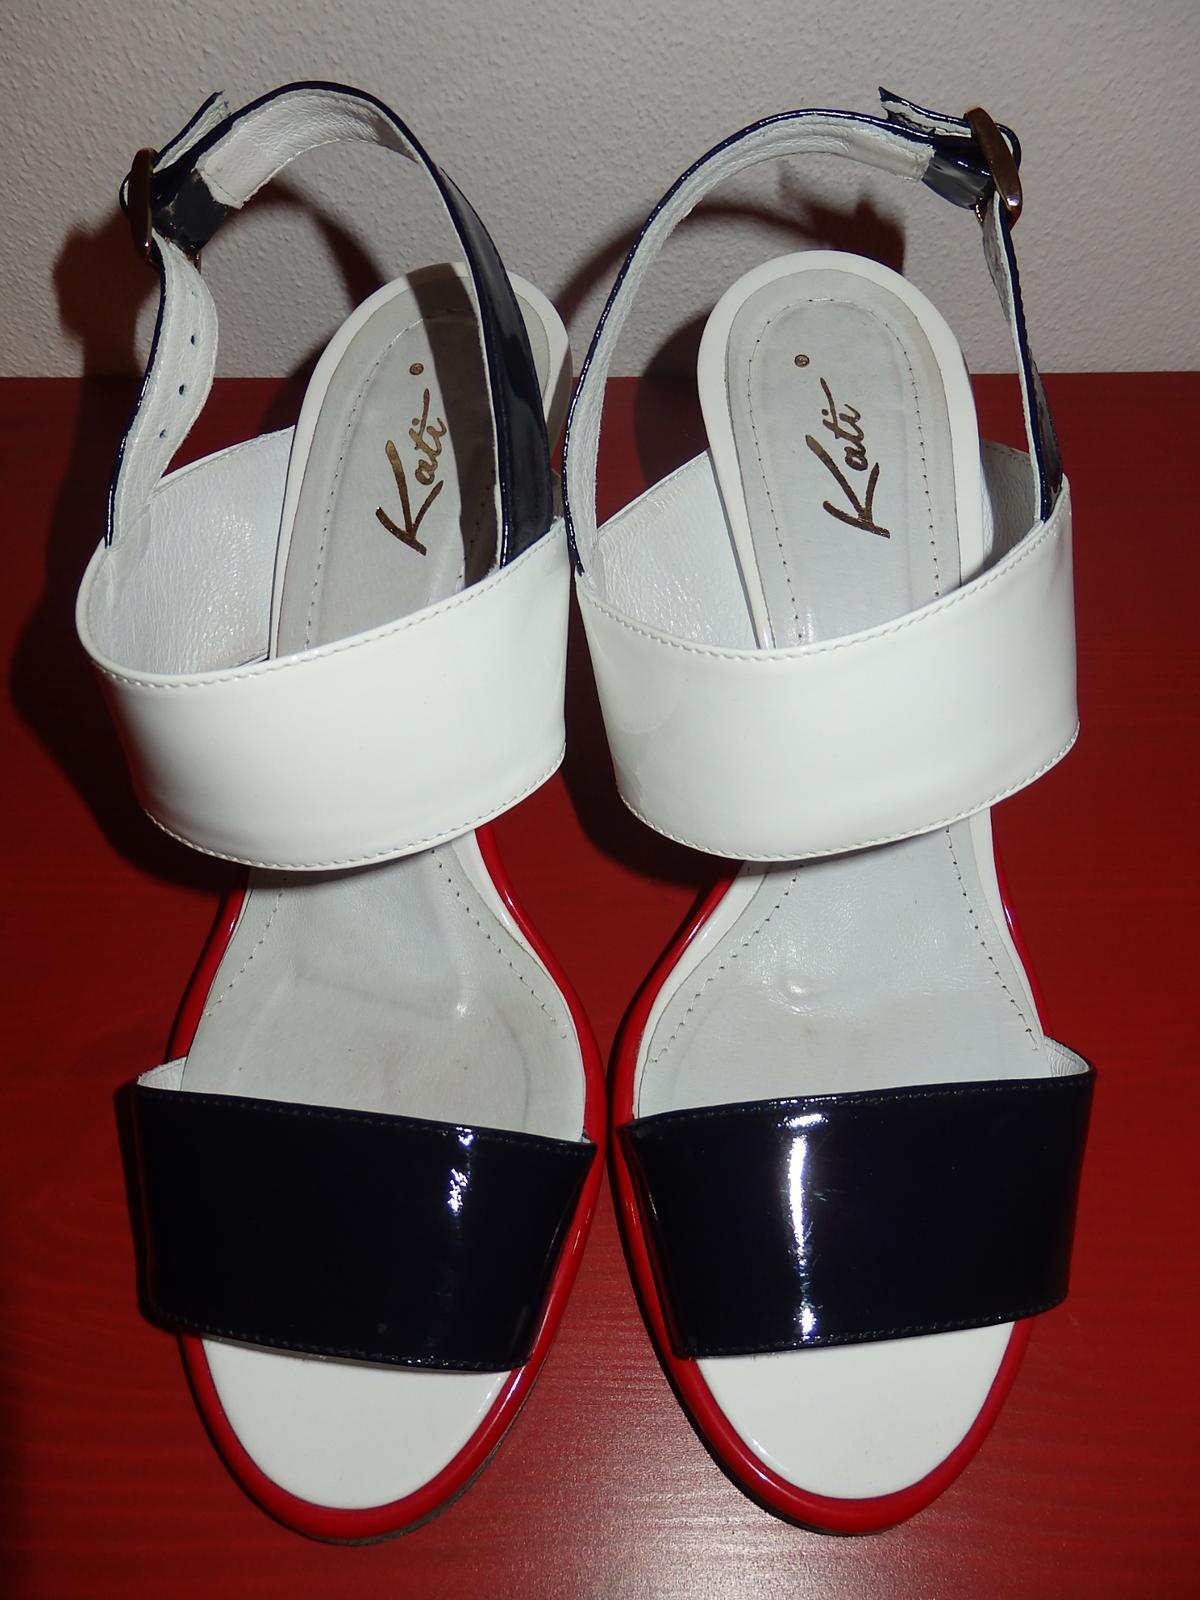 etné lakové sandále - Obrázok č. 3